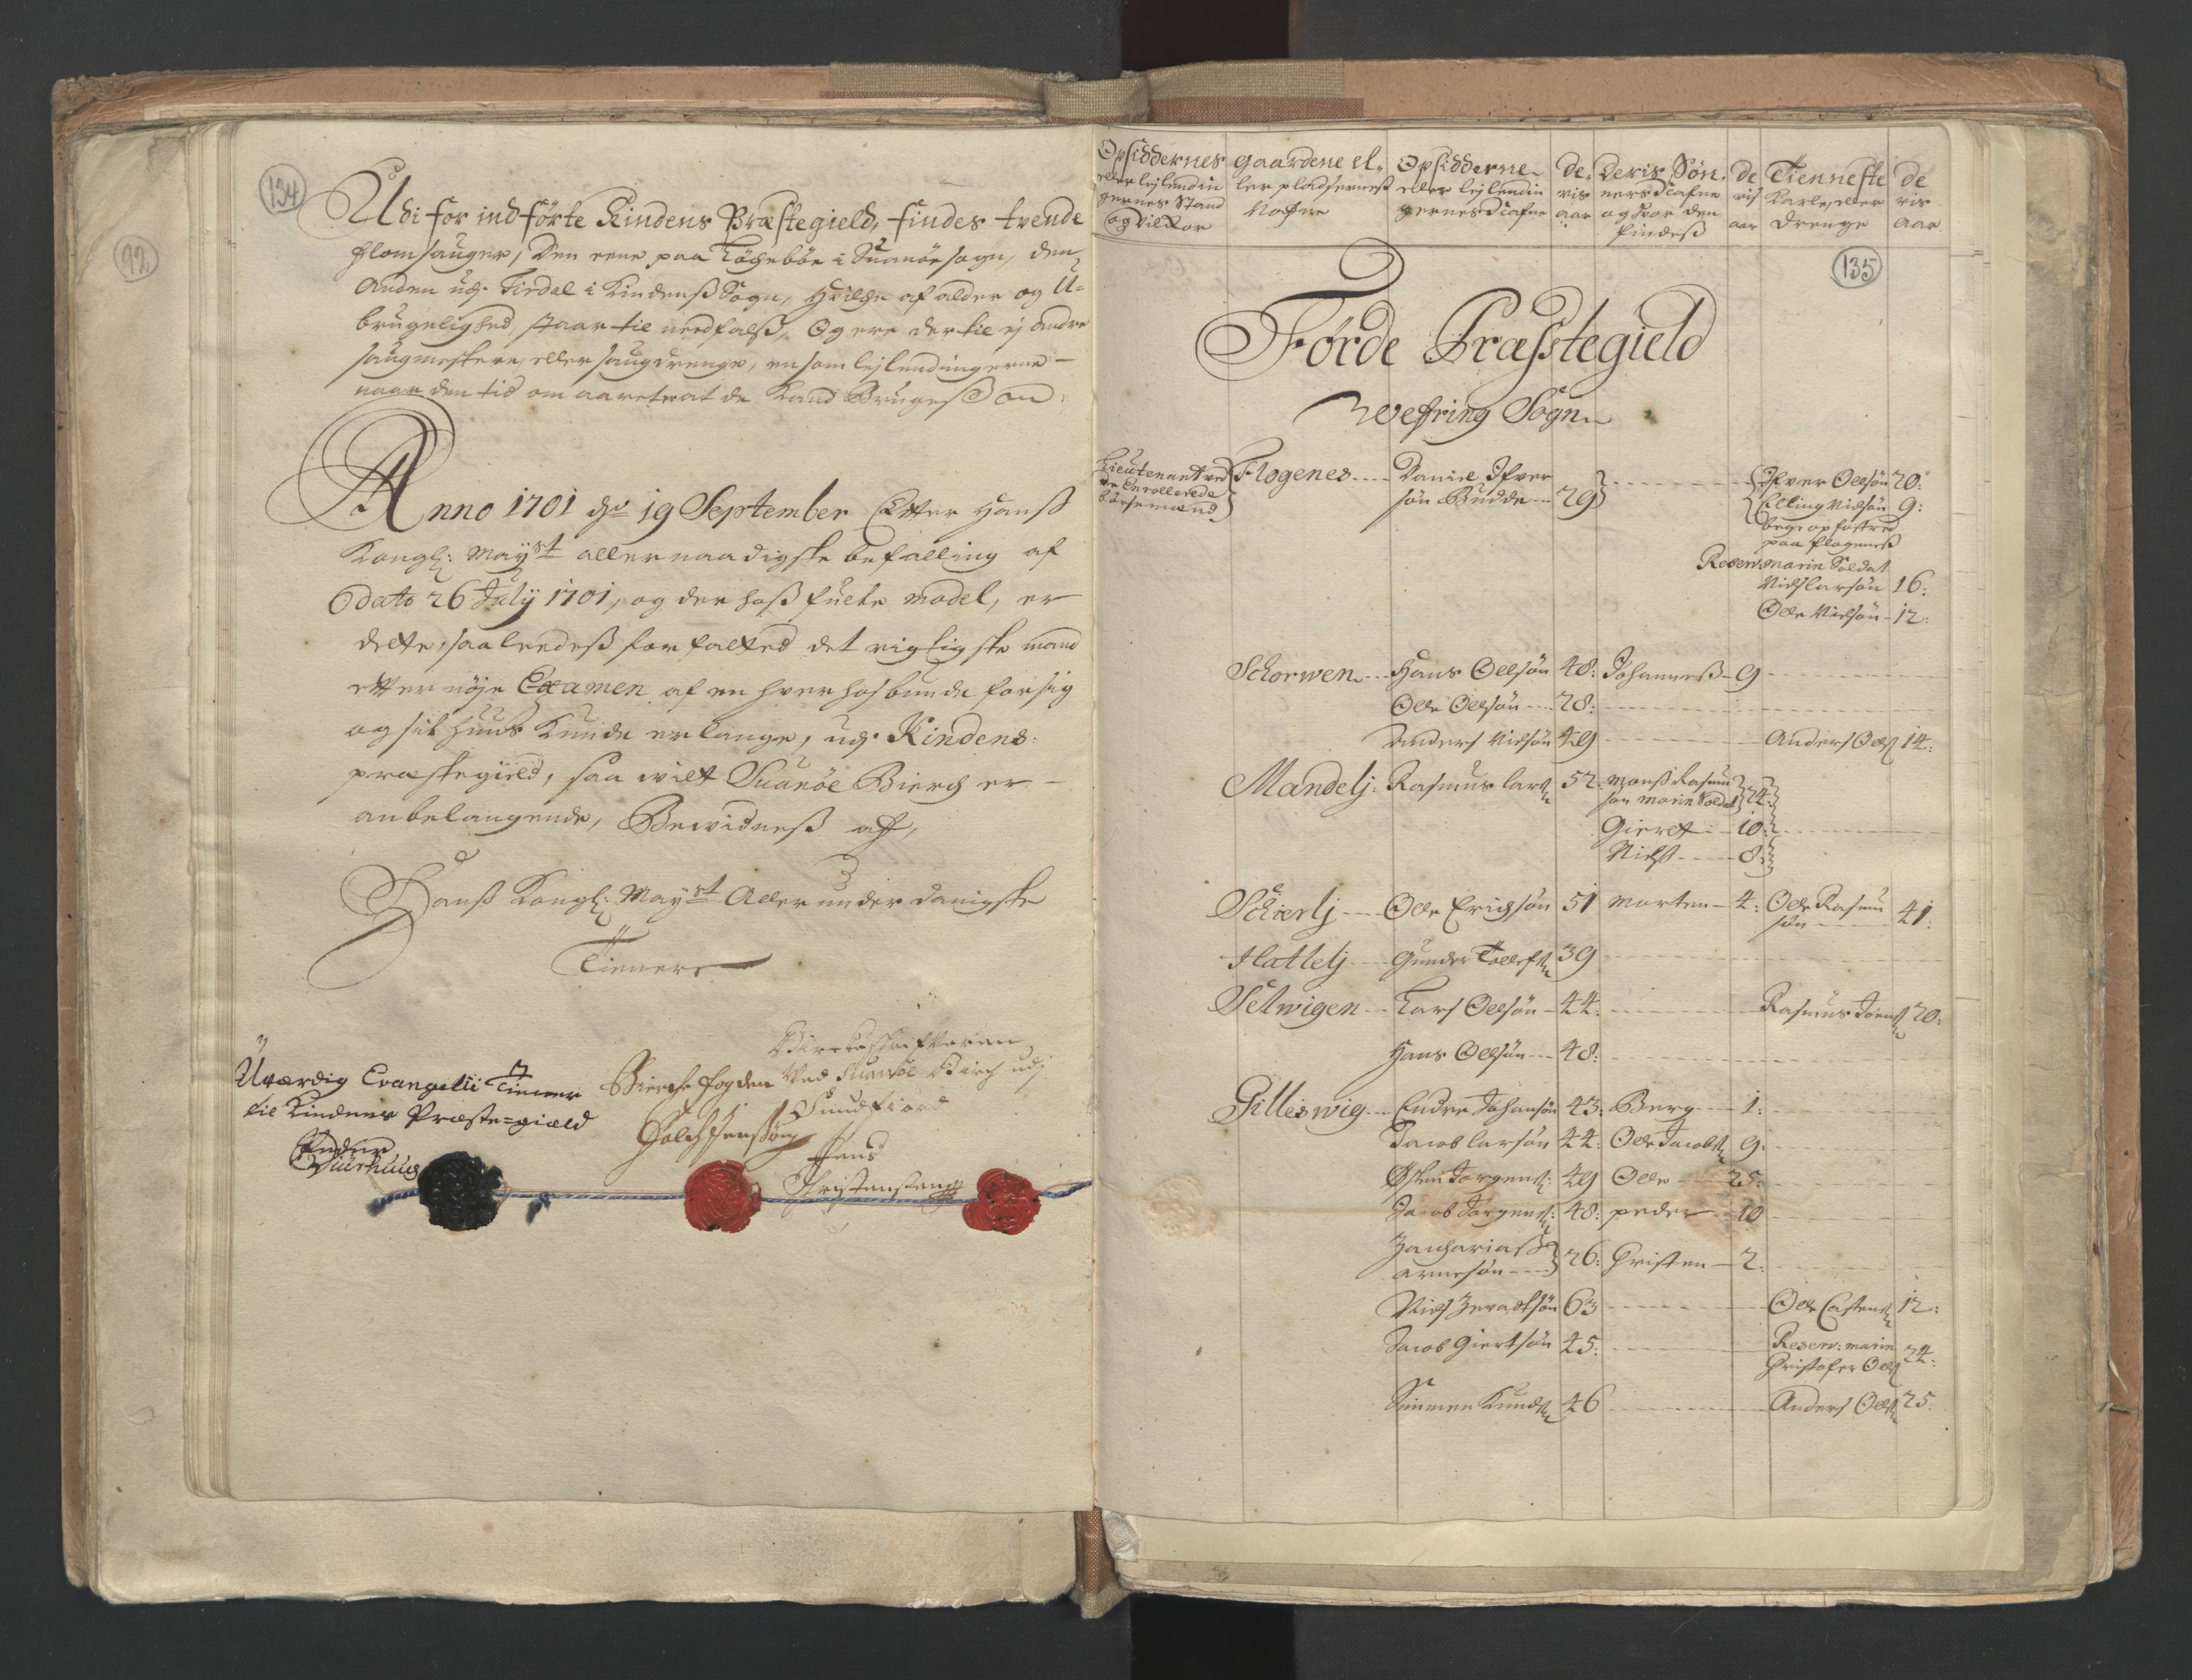 RA, Manntallet 1701, nr. 9: Sunnfjord fogderi, Nordfjord fogderi og Svanø birk, 1701, s. 134-135